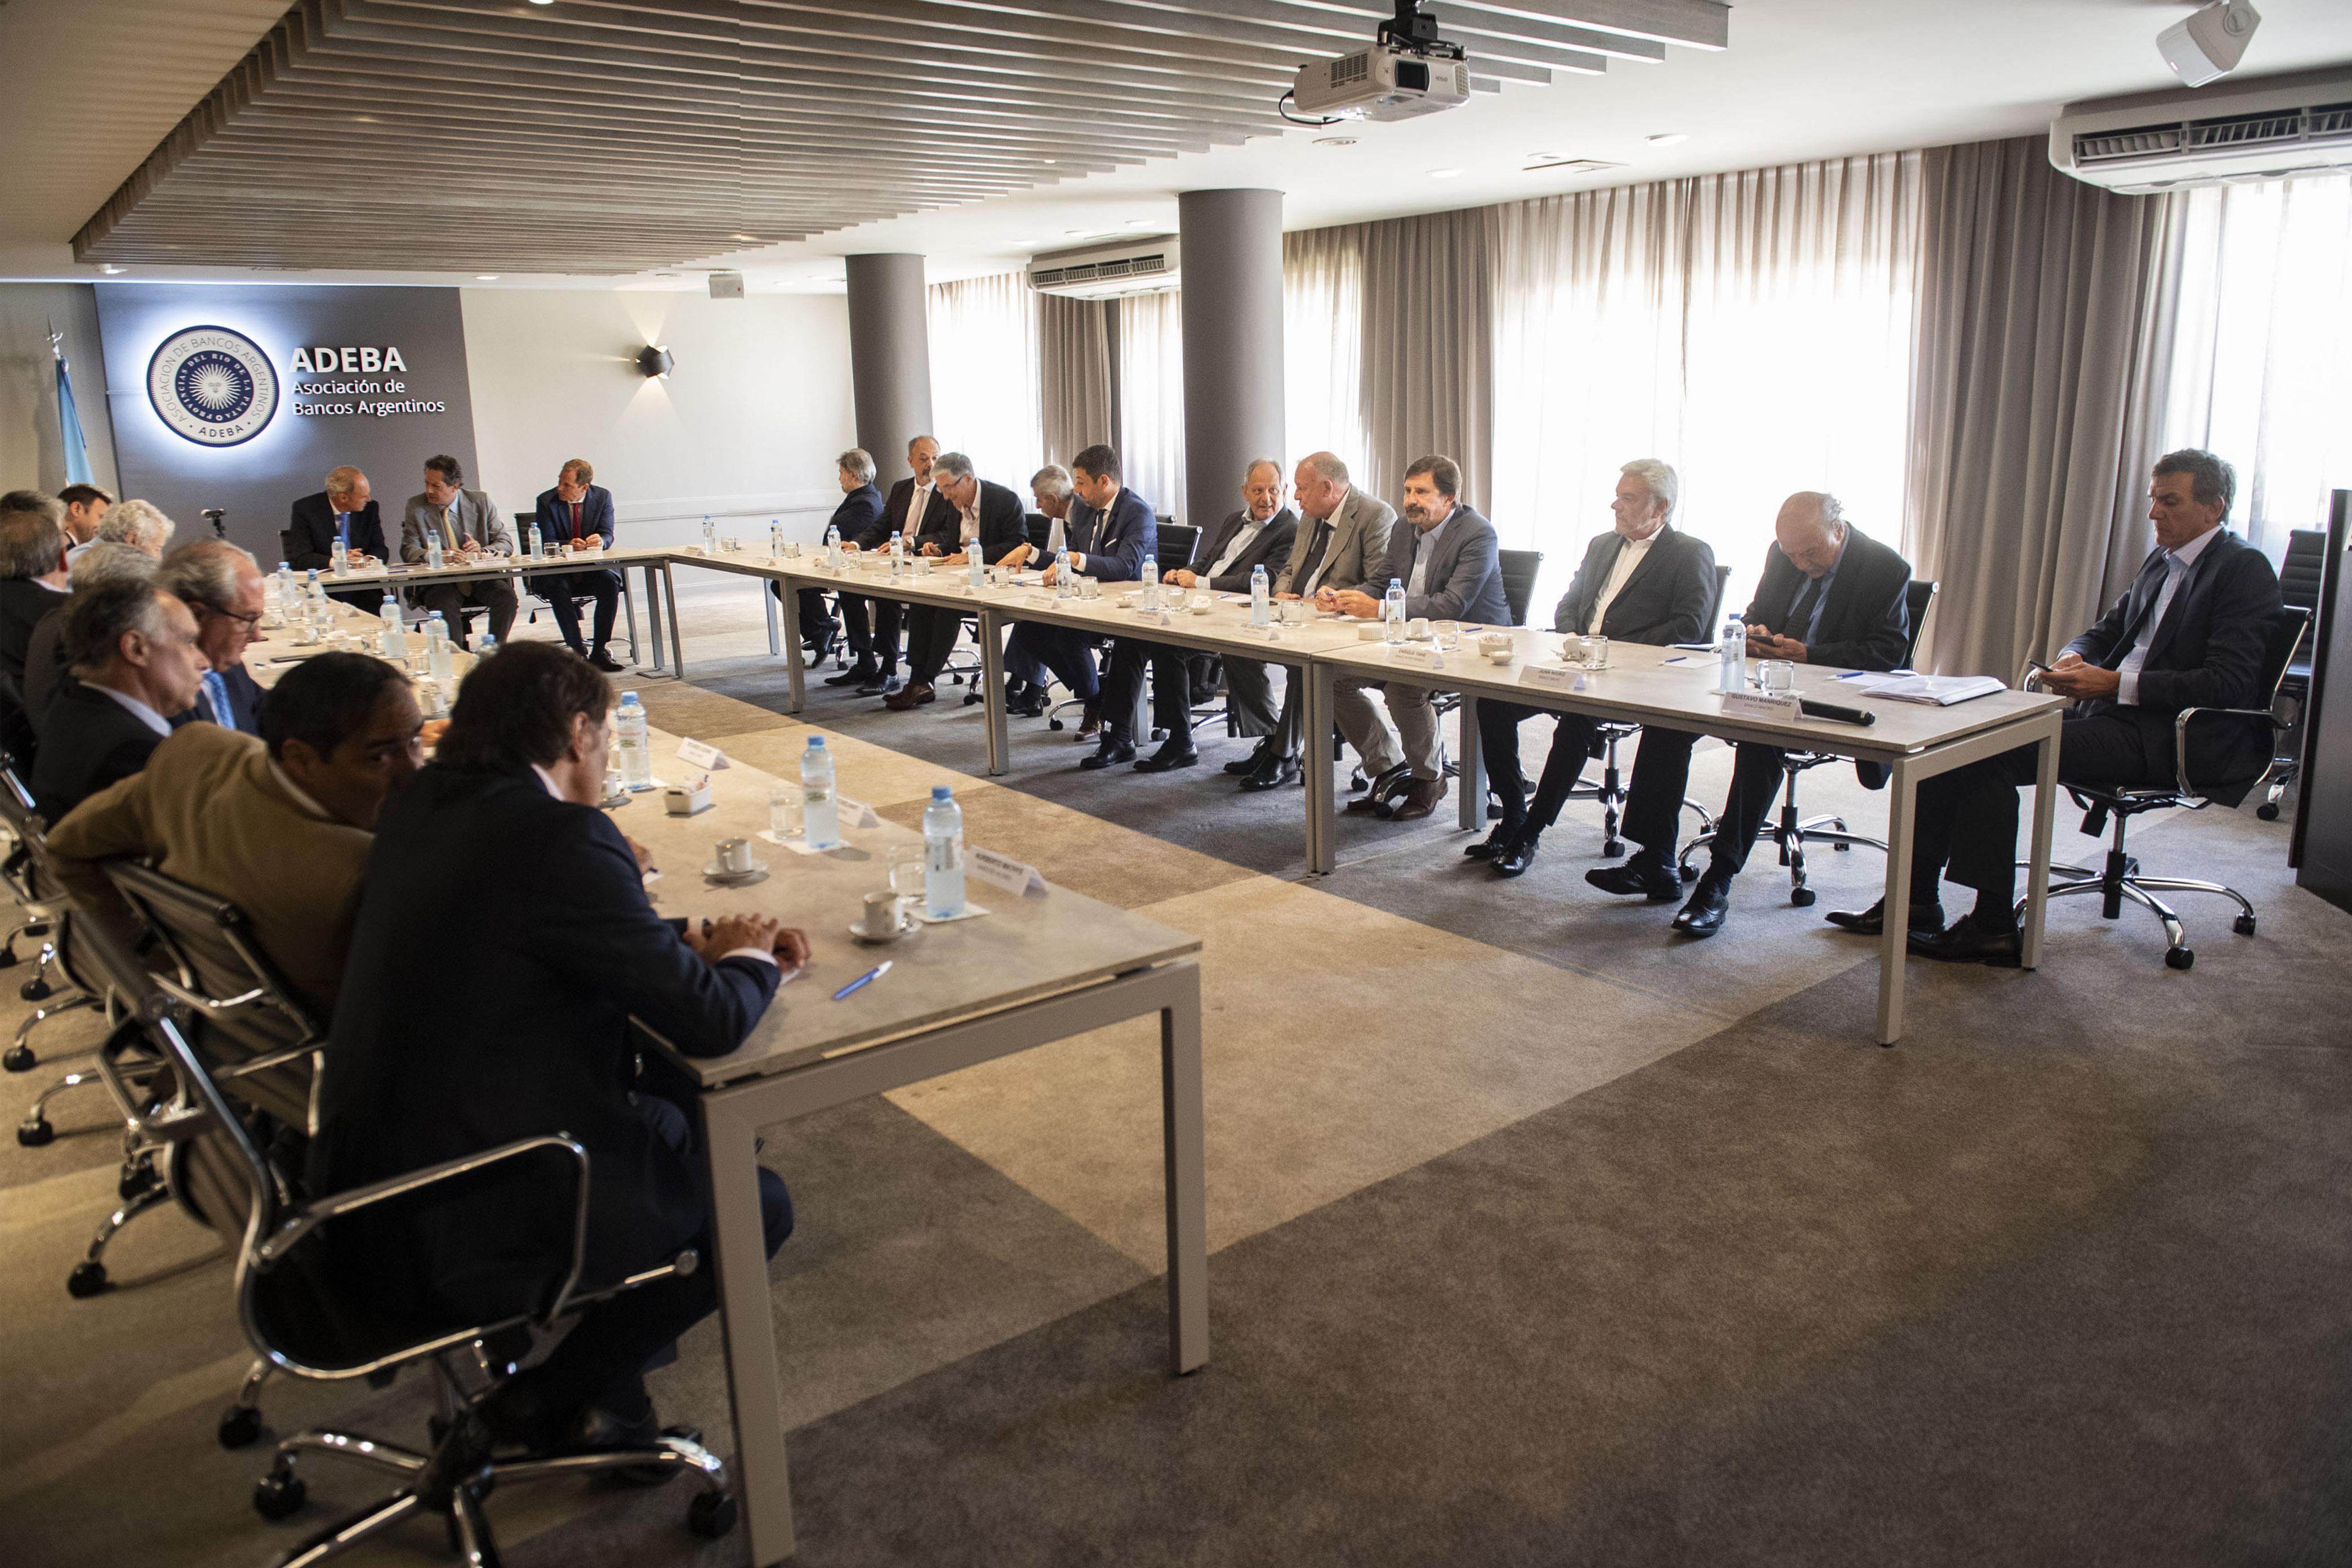 Los miembros de ADEBA se reunieron con el Banco Central